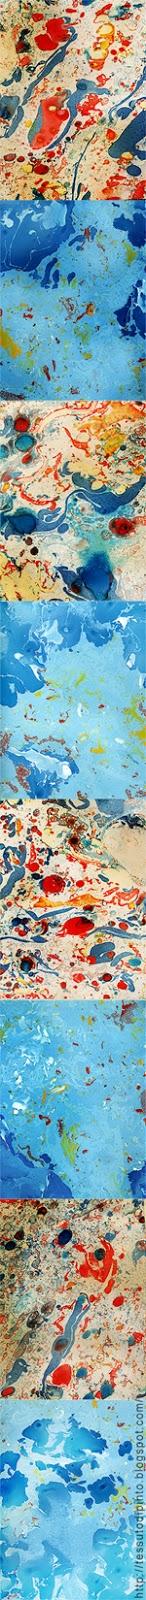 Colori e sfumature create con la marmorizzazione della carta